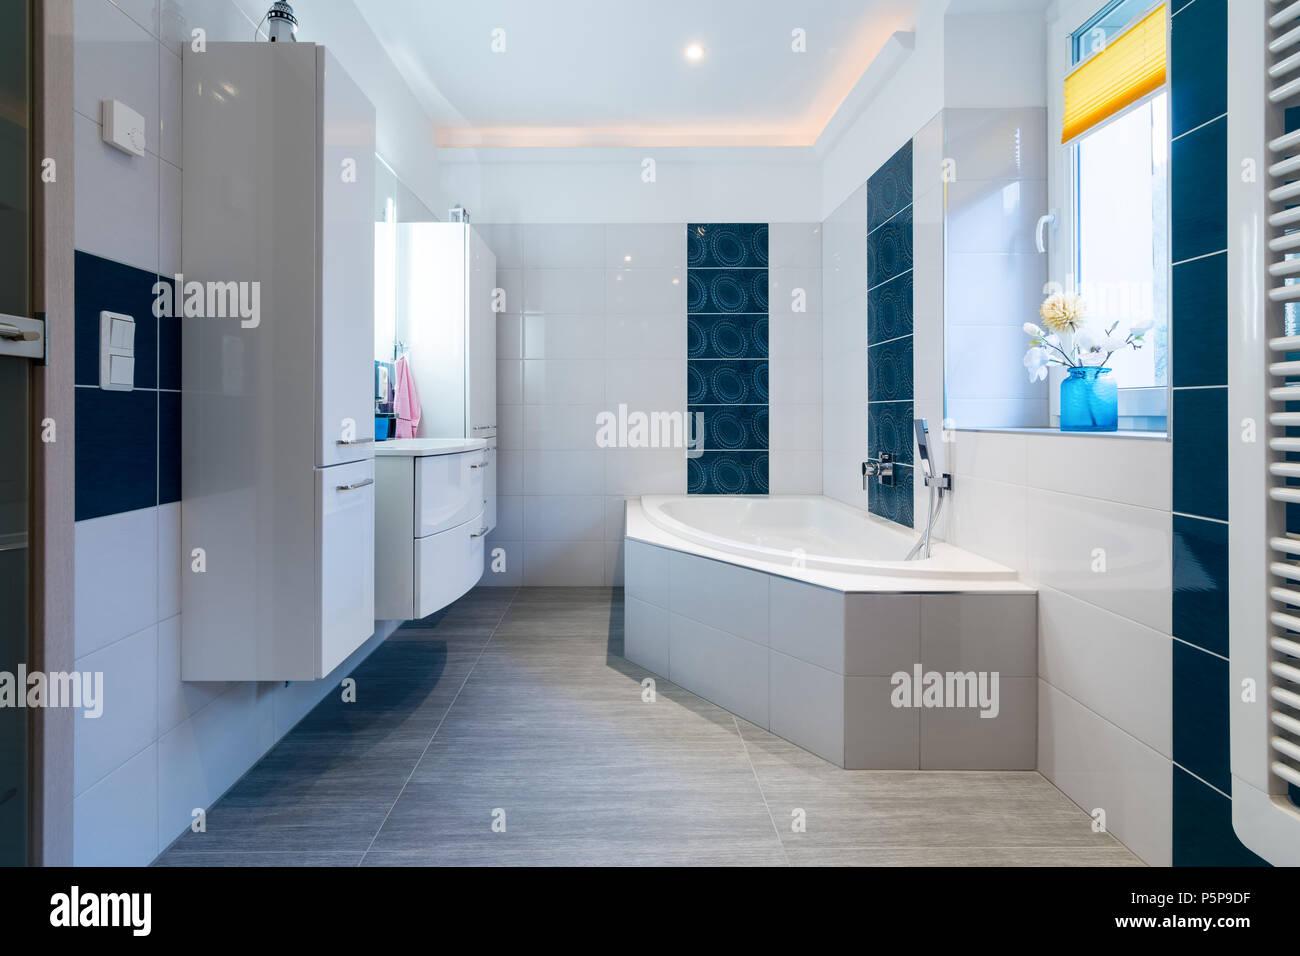 Bagno moderno lucide piastrelle bianche e blu vasca da bagno